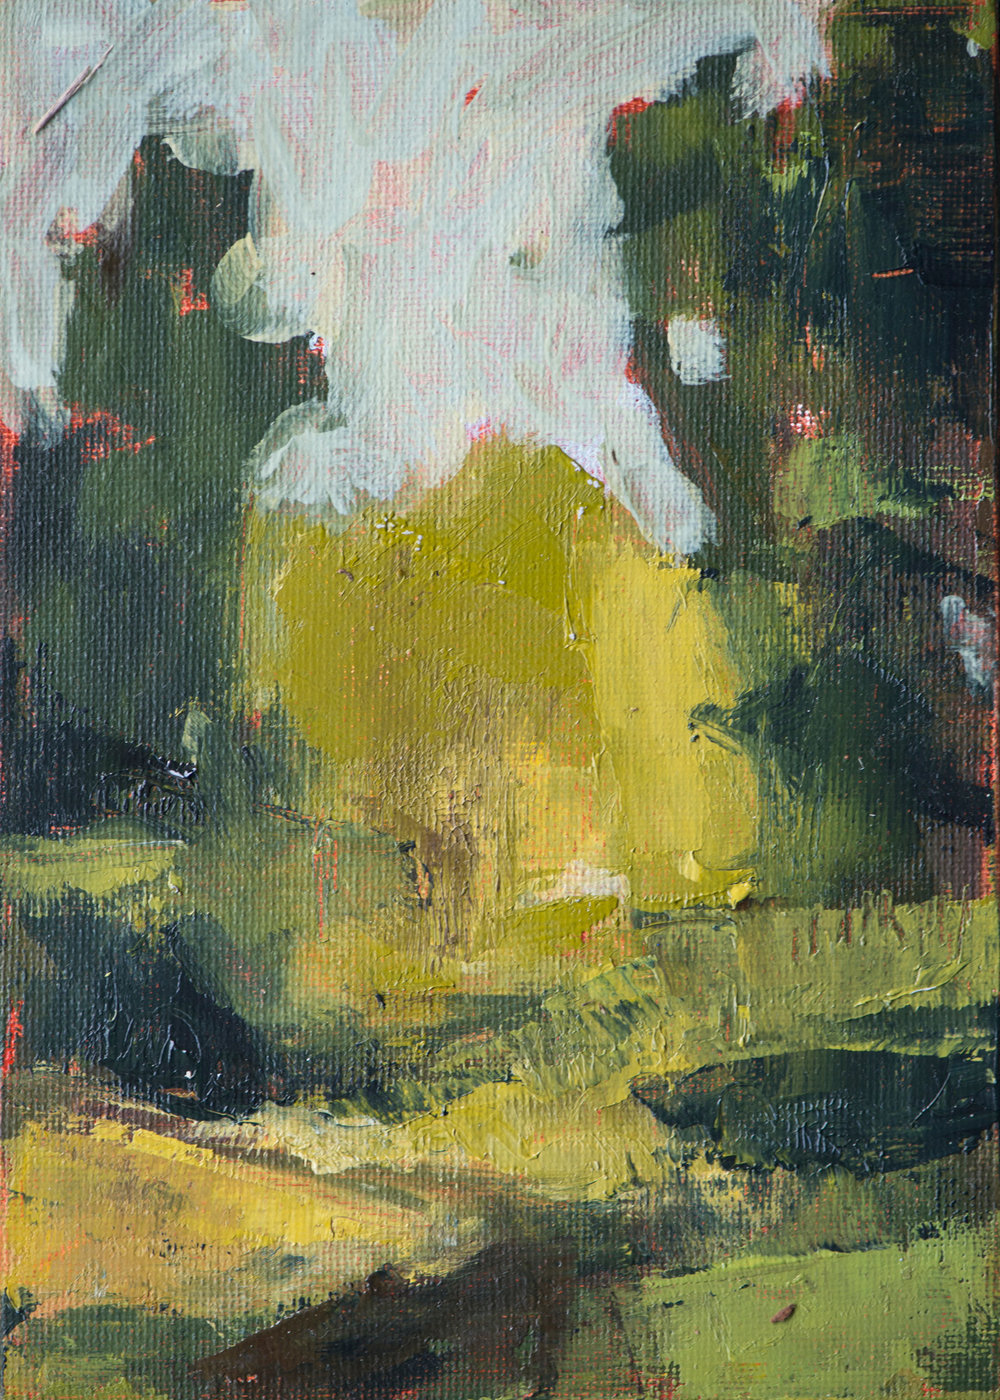 #11 5x7 oil paint